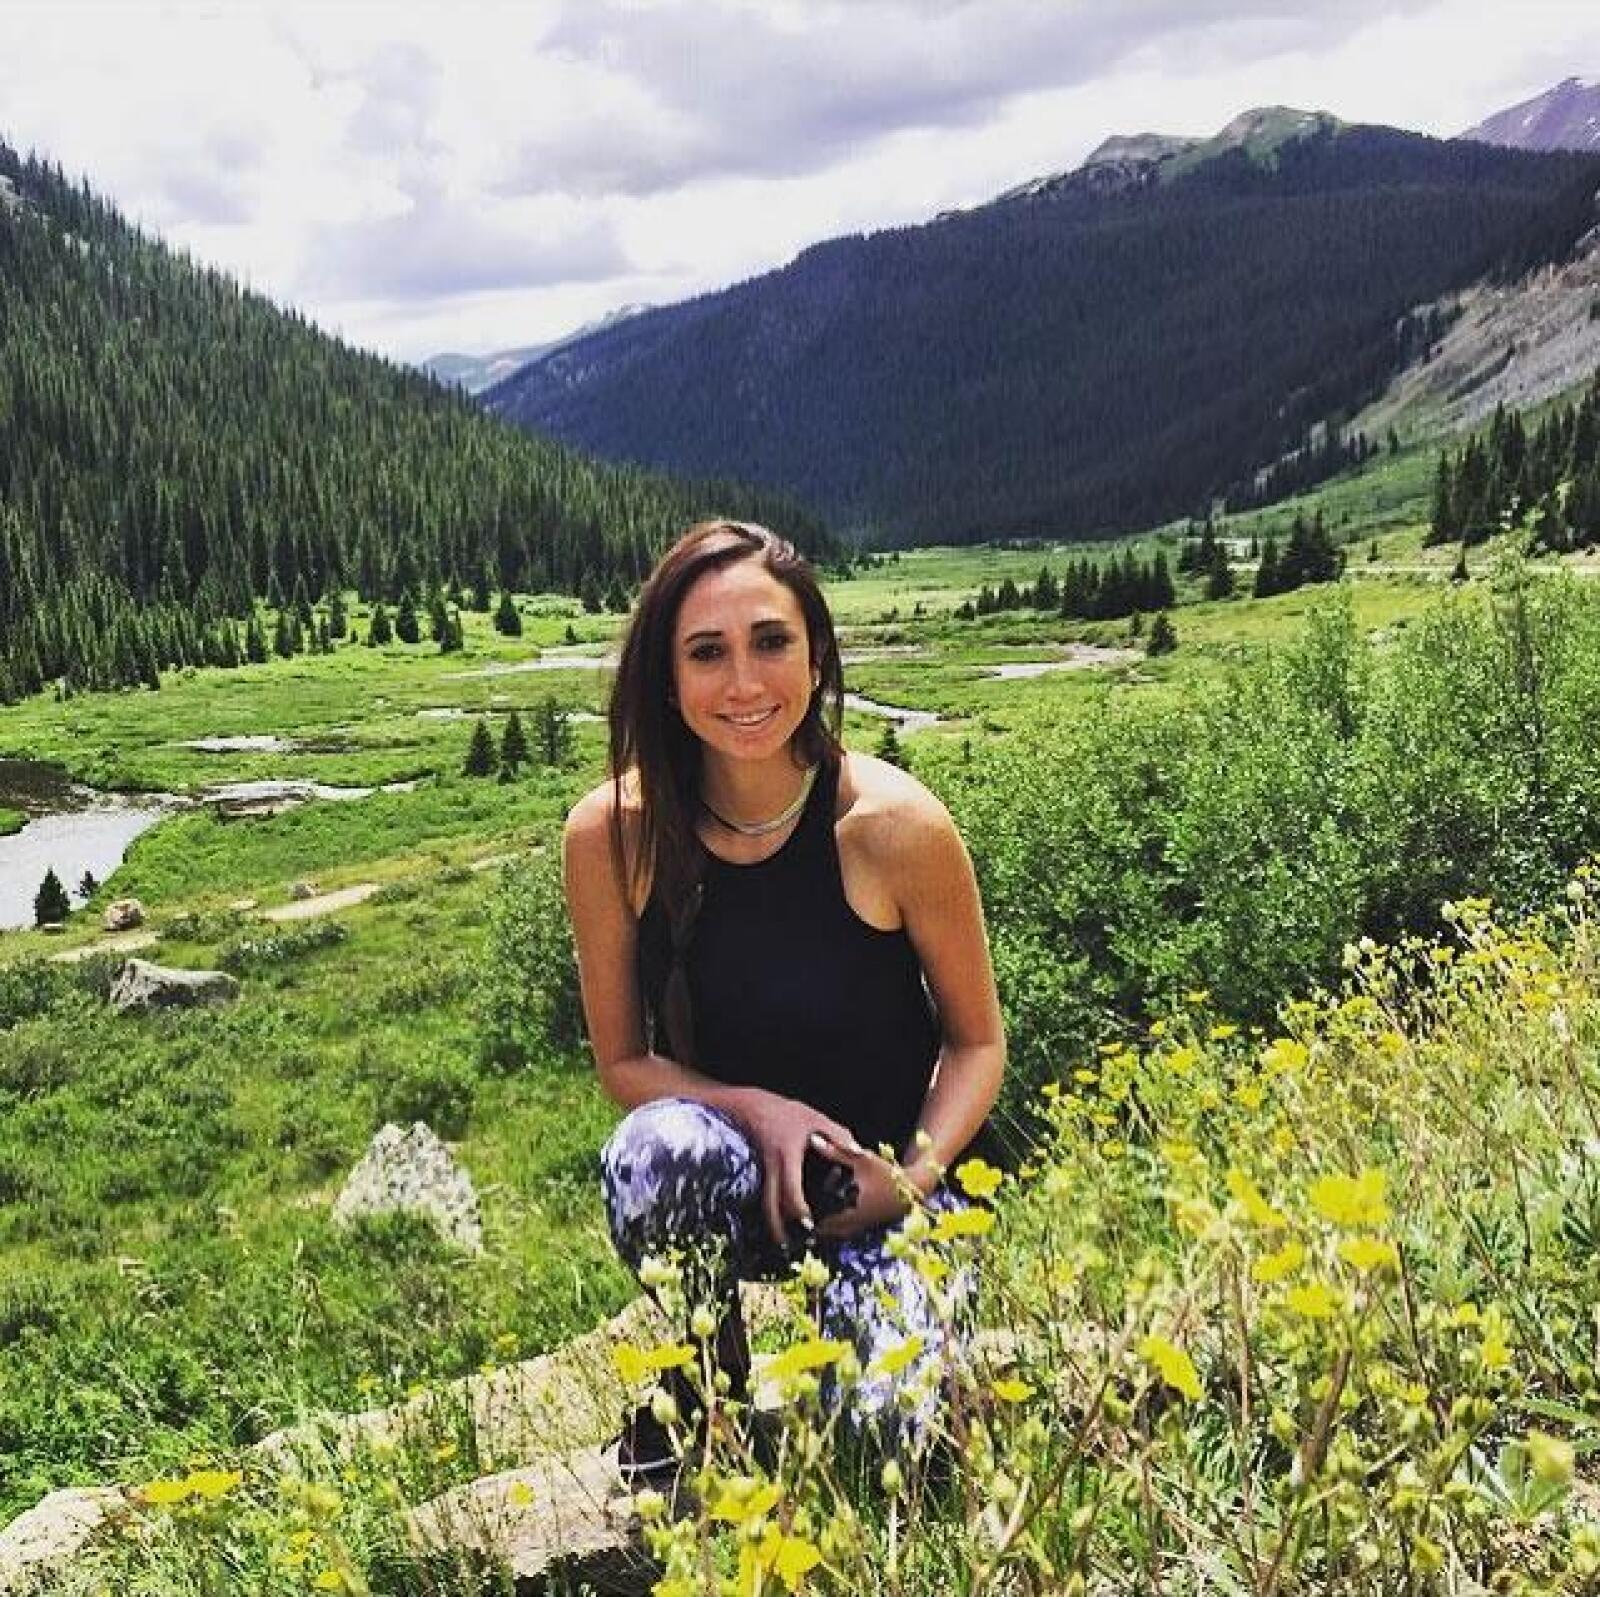 Gina Litchi muy contenta en Aspen